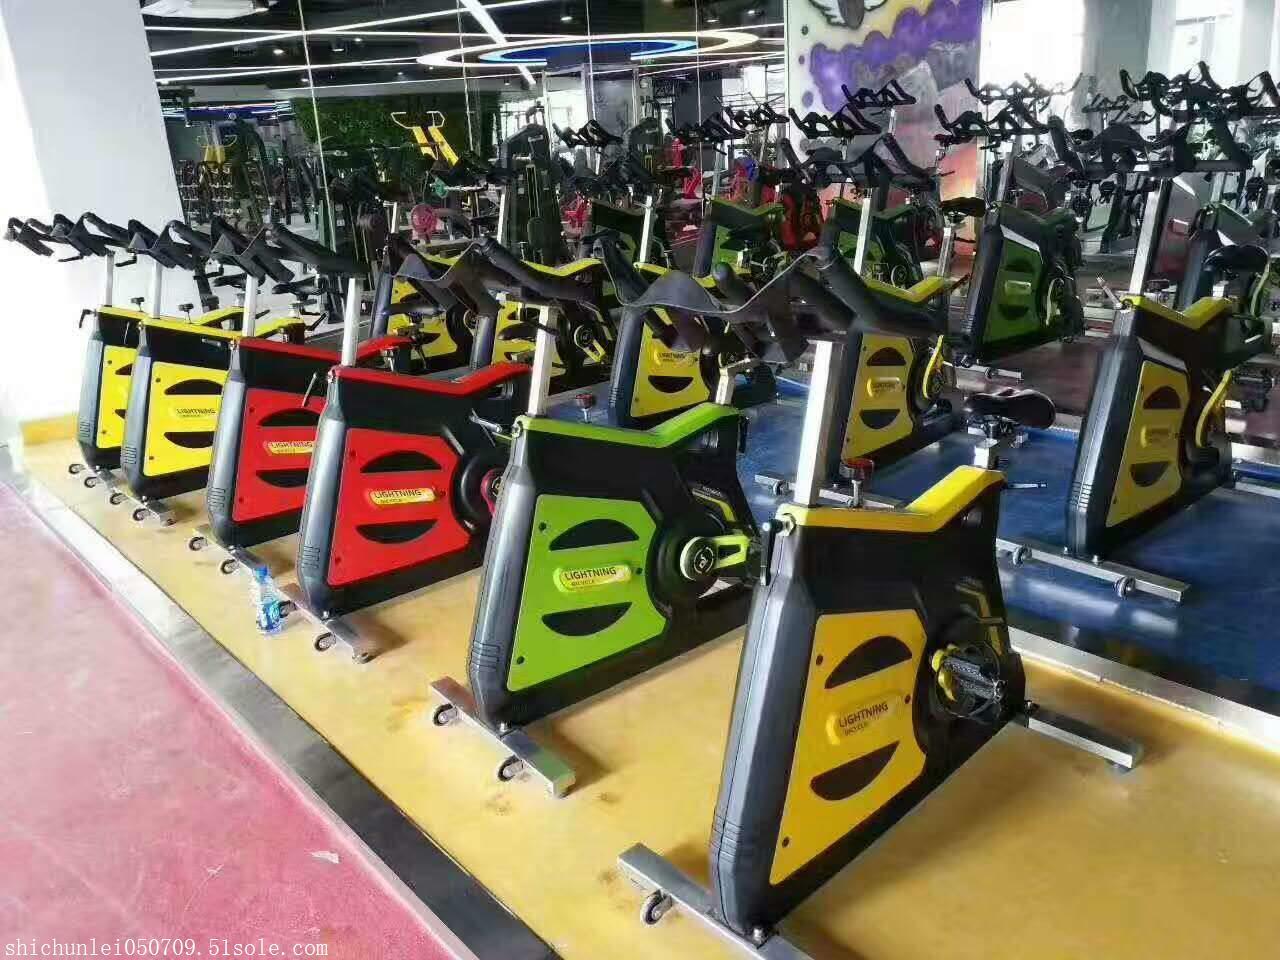 奥信德AXD-S700动感单车商用健身车